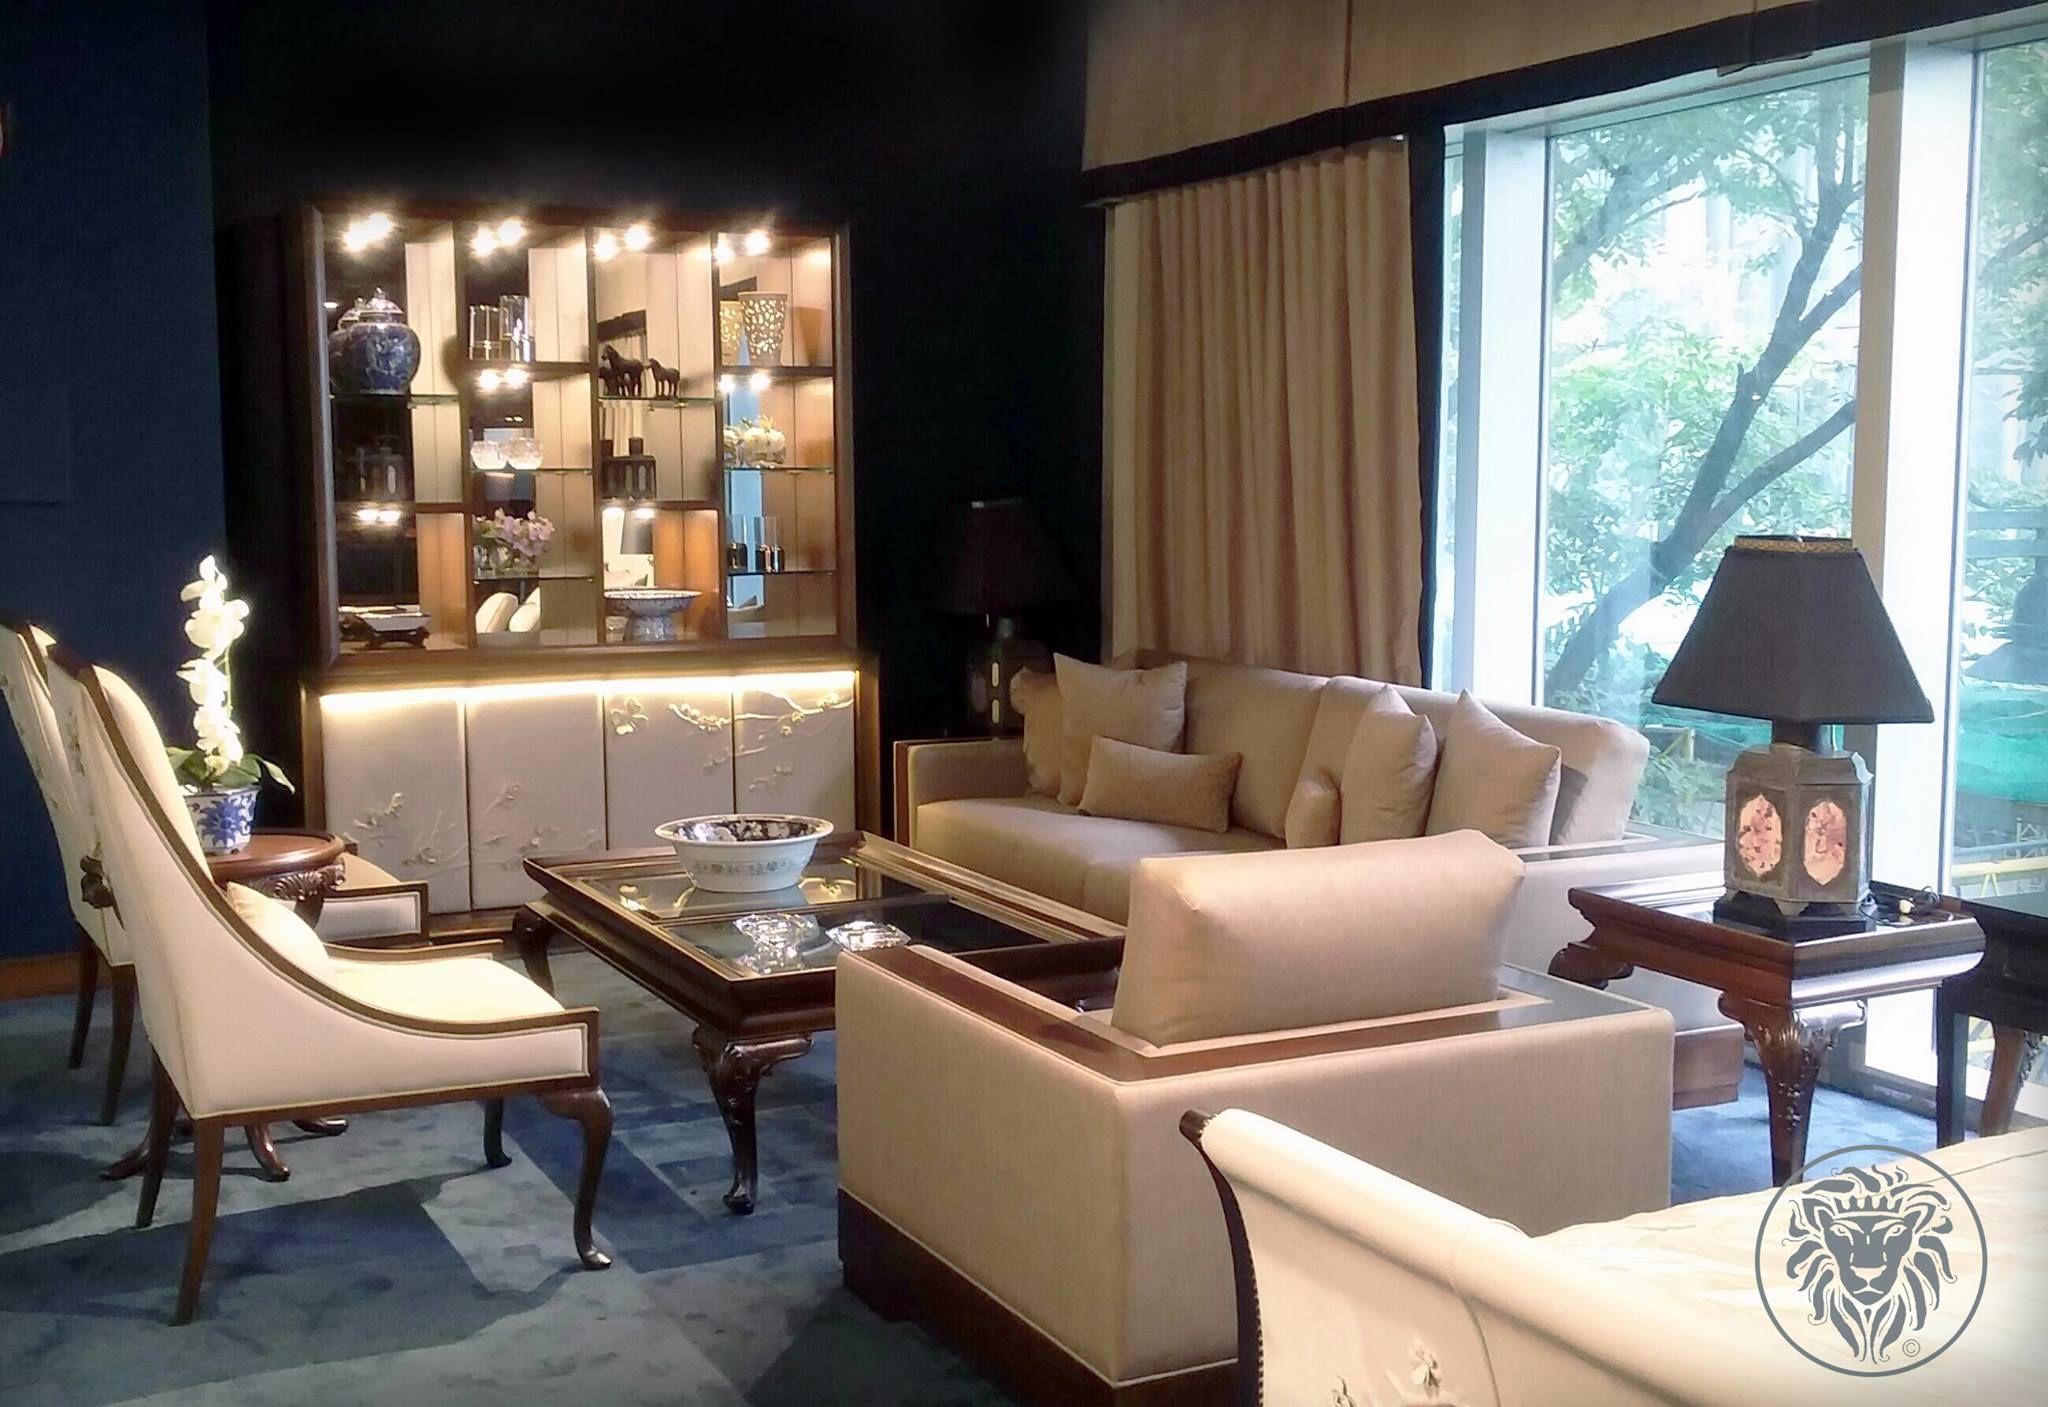 Thomas & George Fine Furniture | Huge master bedroom, Luxury furniture  stores, Eclectic master bedroom